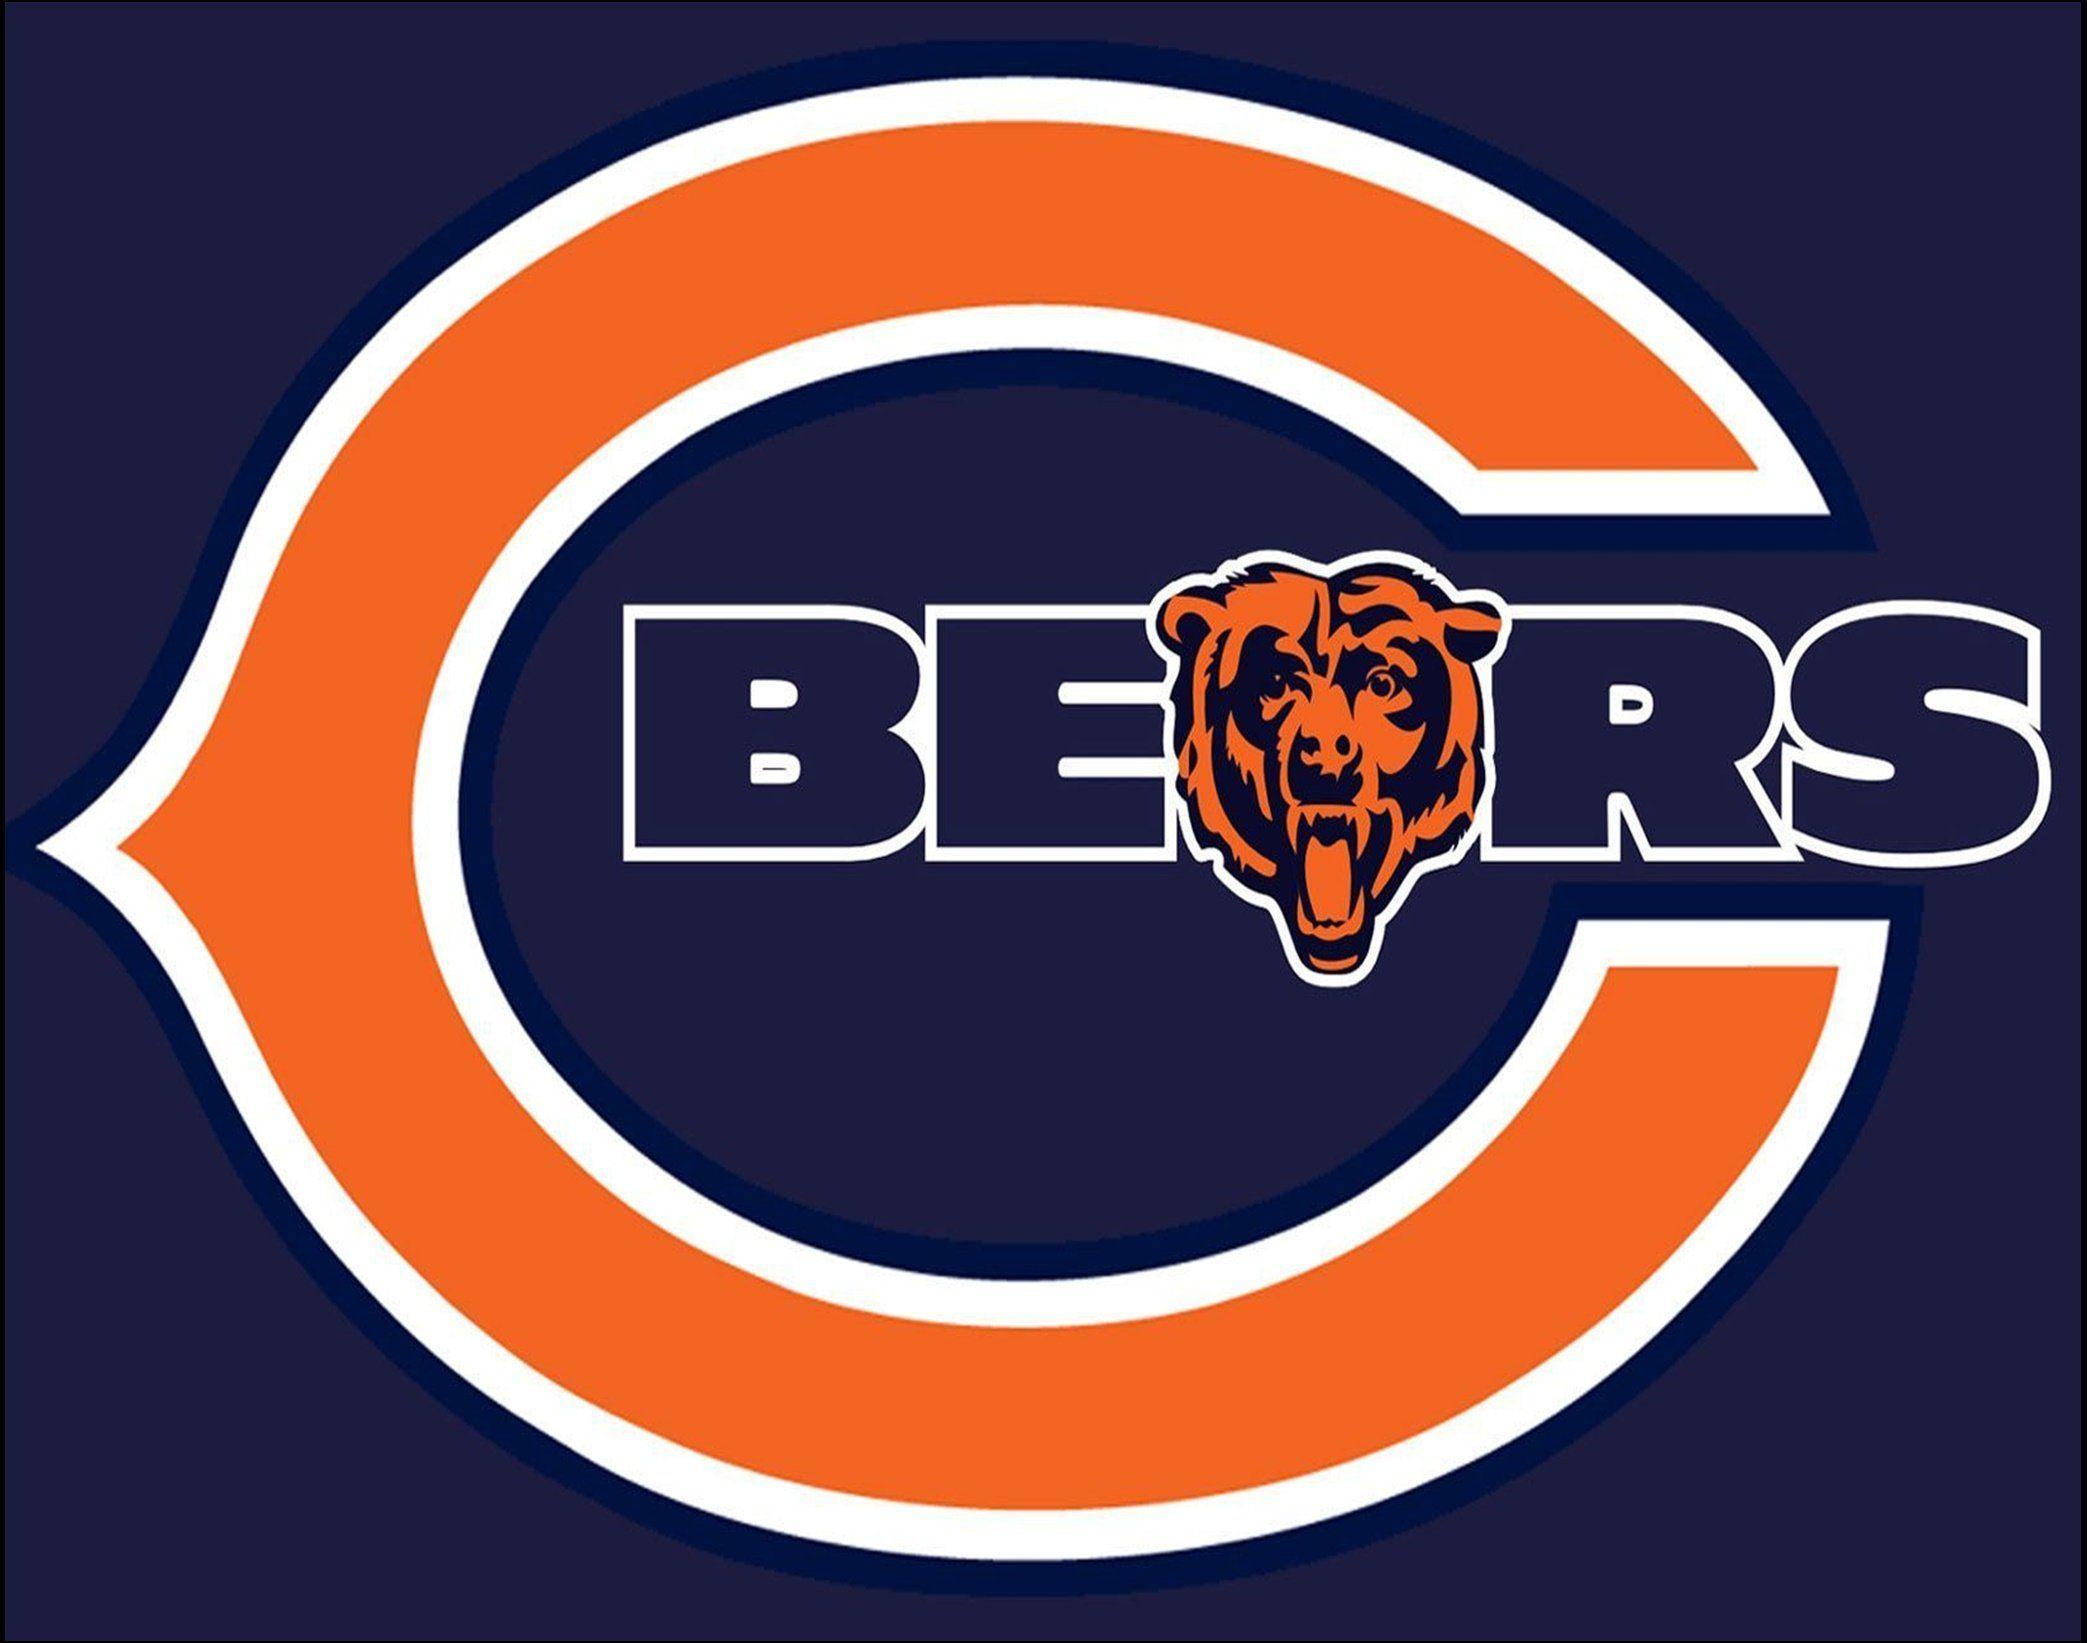 Chicago Bears Football Wall Art, Gift For Men, Blue & Orange Logo.